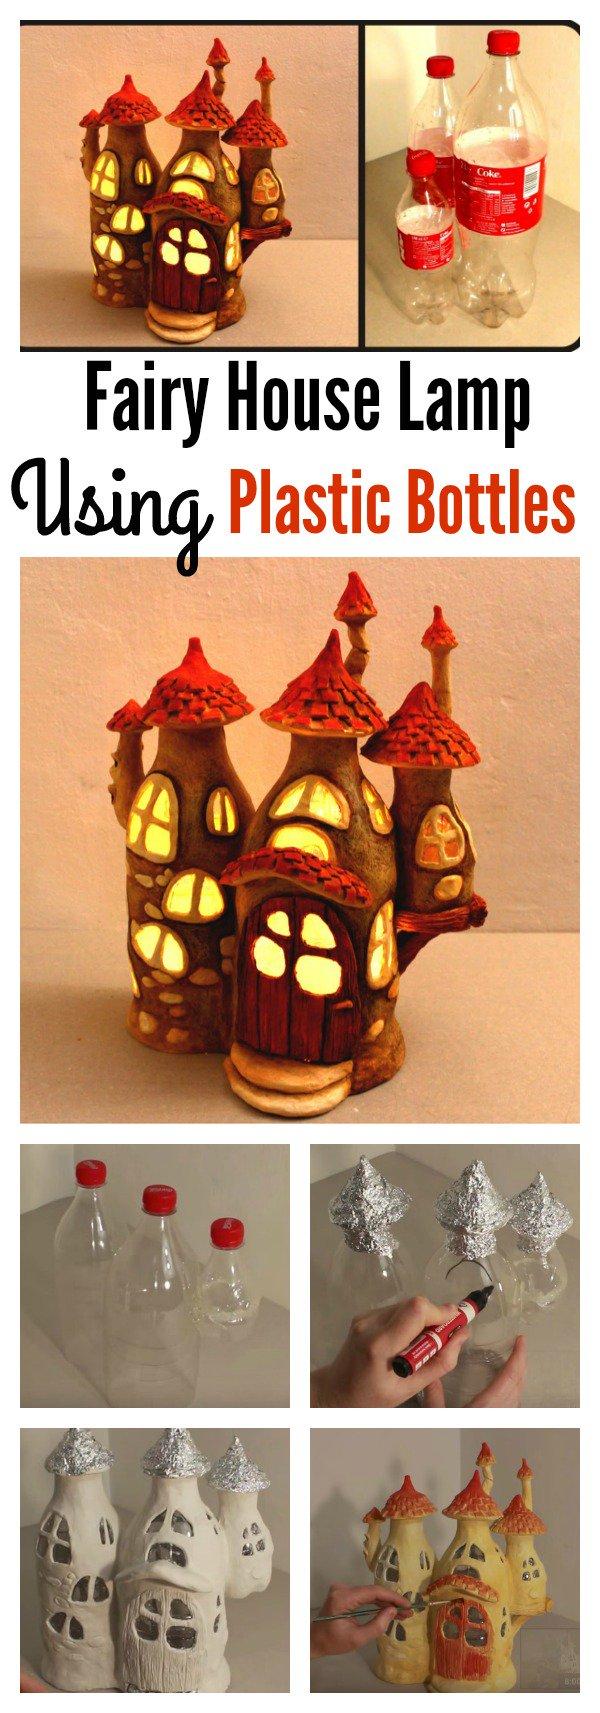 1 lamp ideas diy - 20 Easy DIY Lamp Ideas for Home Decor